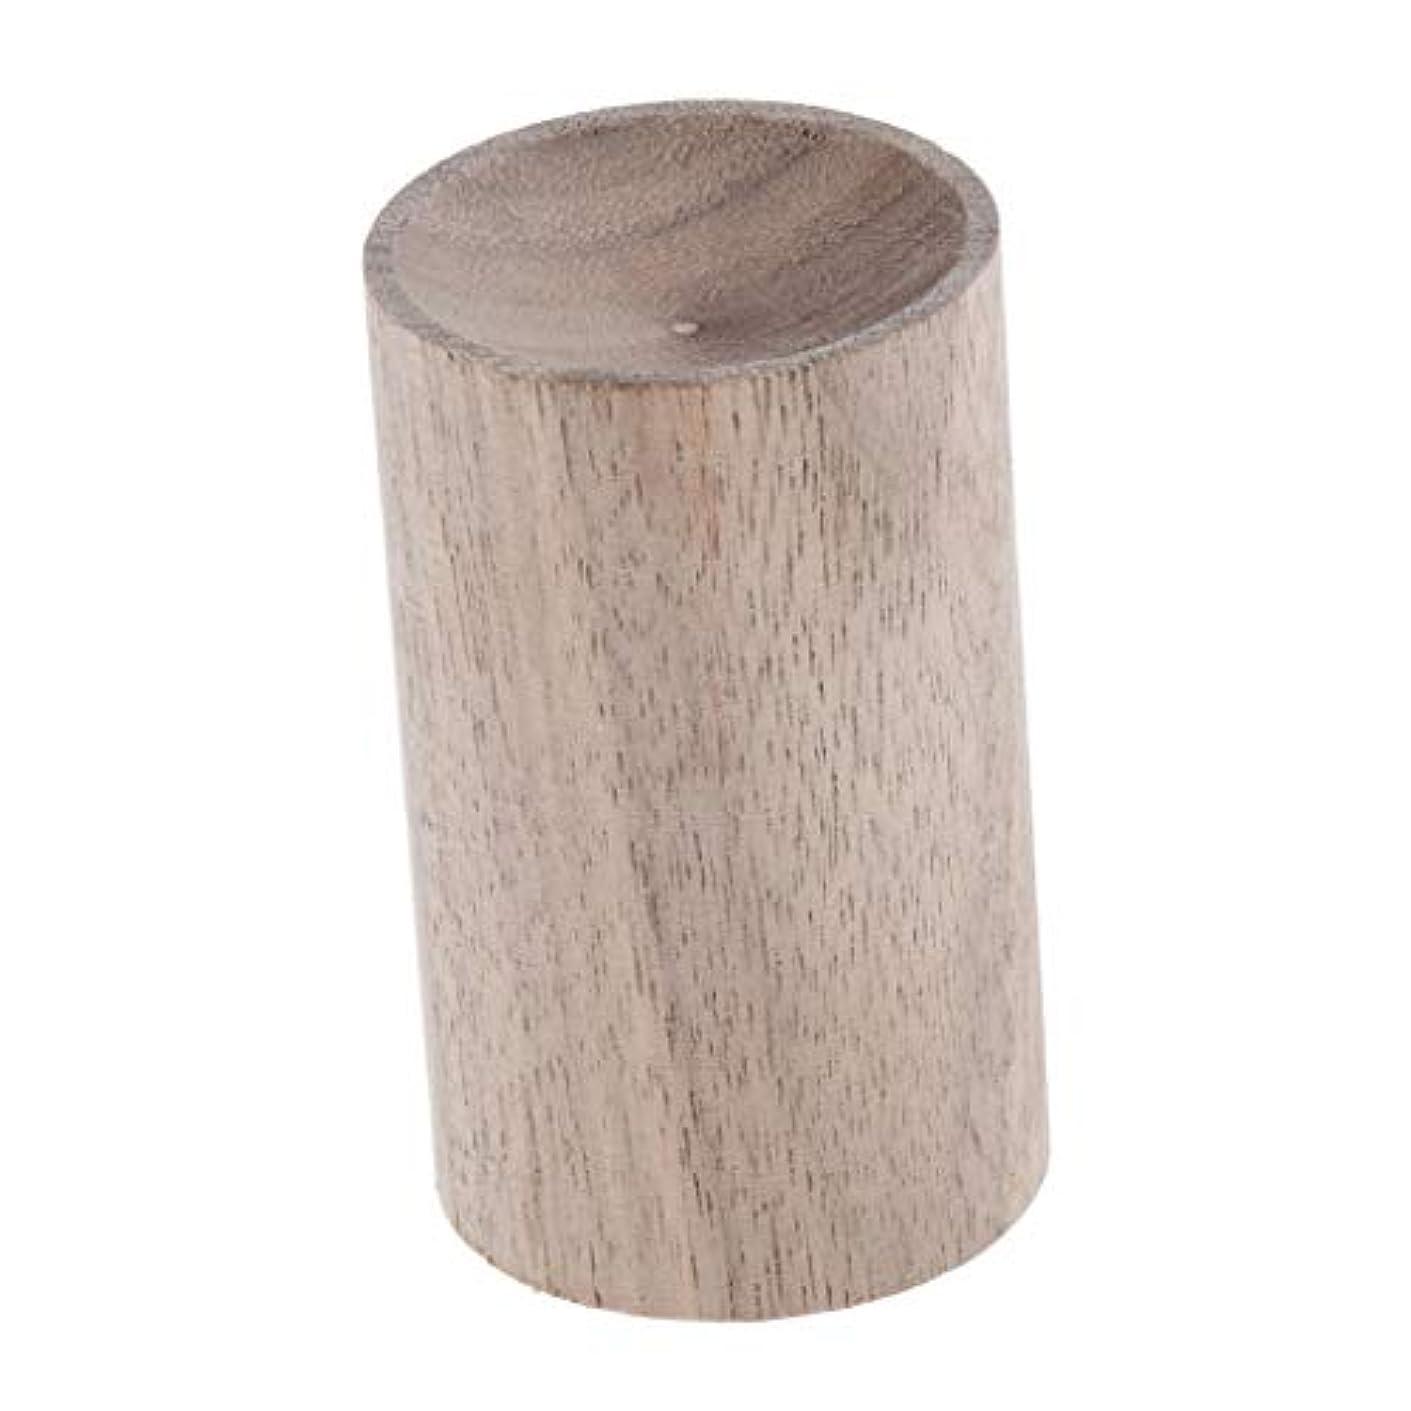 未使用鮫懐疑論FLAMEER 天然木 ハンドメイド 旅行 空気清浄機 エッセンシャルオイル 香水 アロマディフューザー 2種選ぶ - 02, 3.2cm